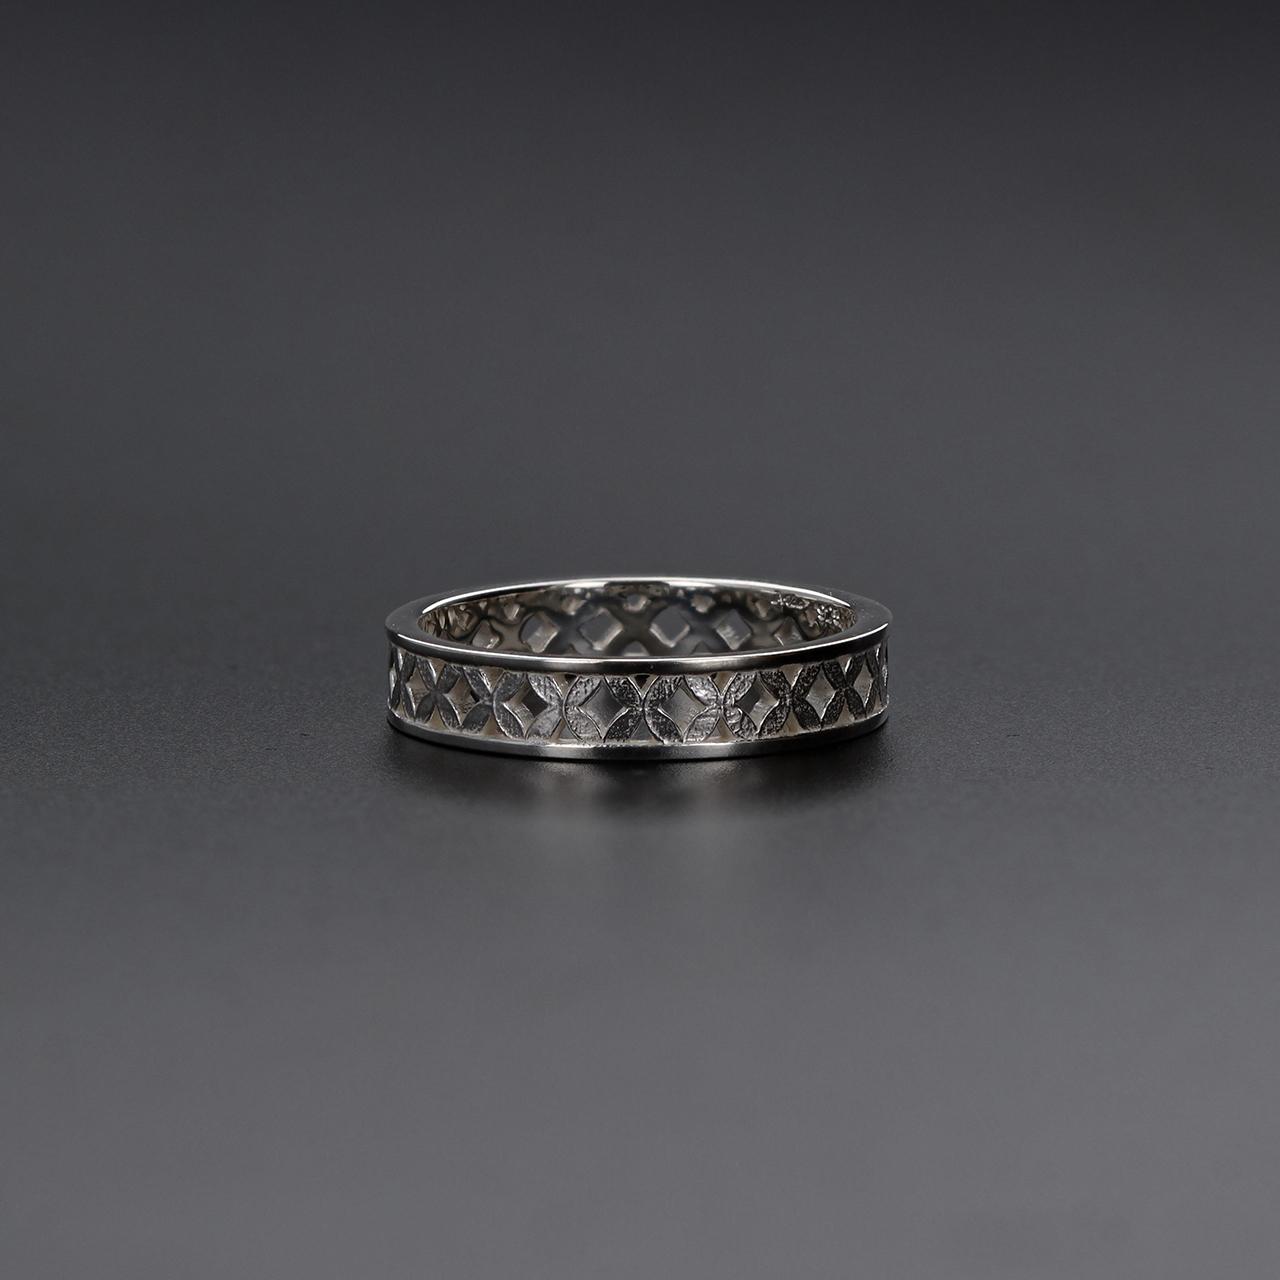 【指輪】結び -七宝繋ぎリング-